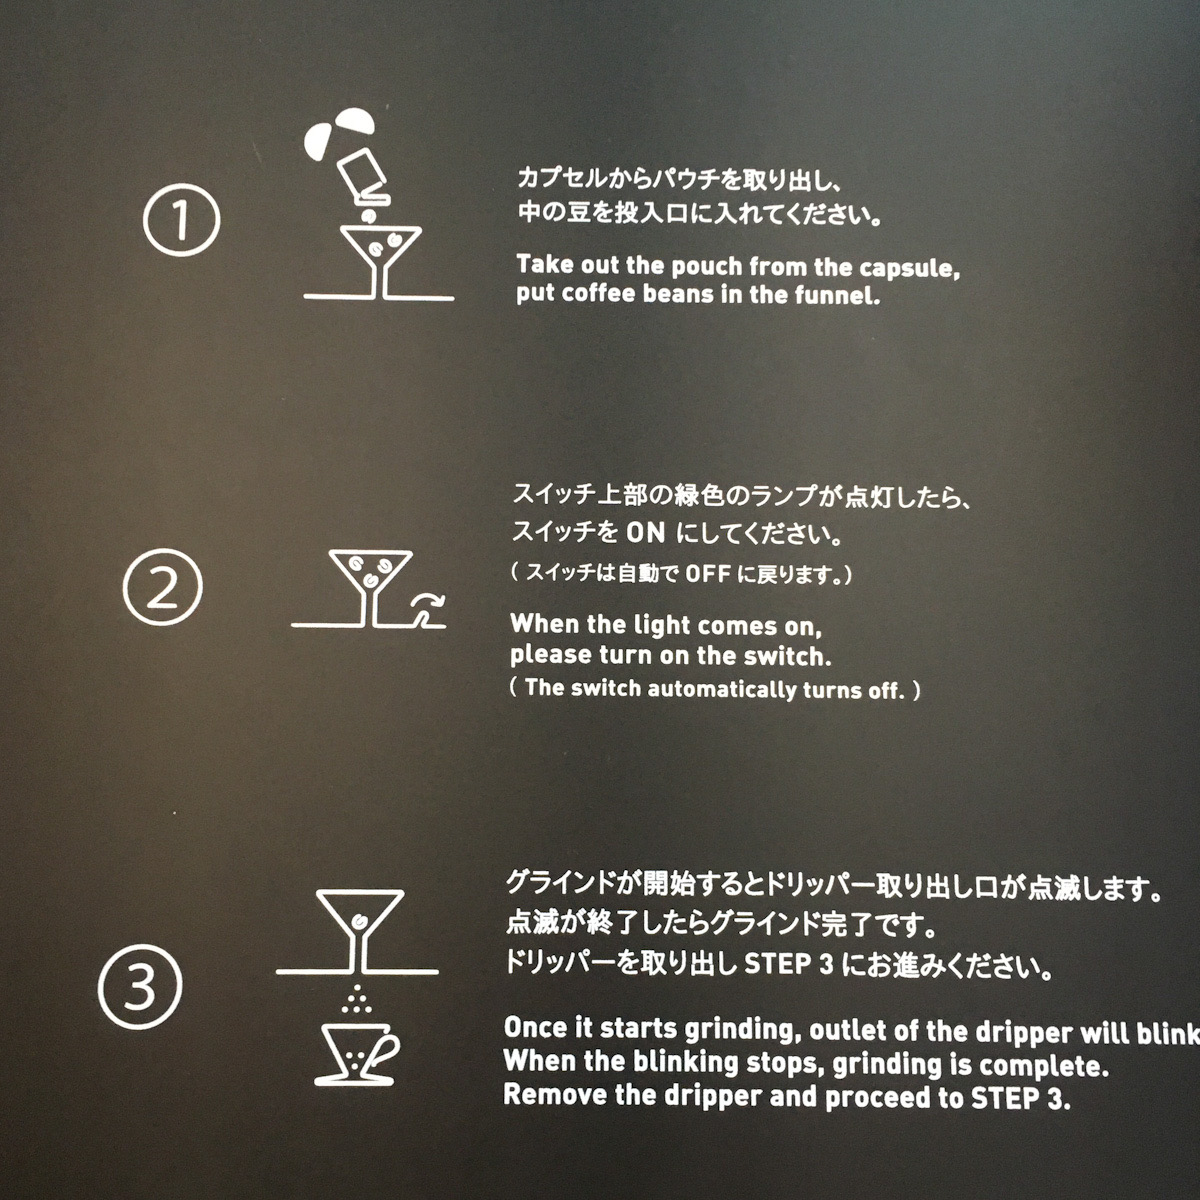 六本木ヒルズの展望台にできた「GACHA GACHA COFFEE」で飲んでみた